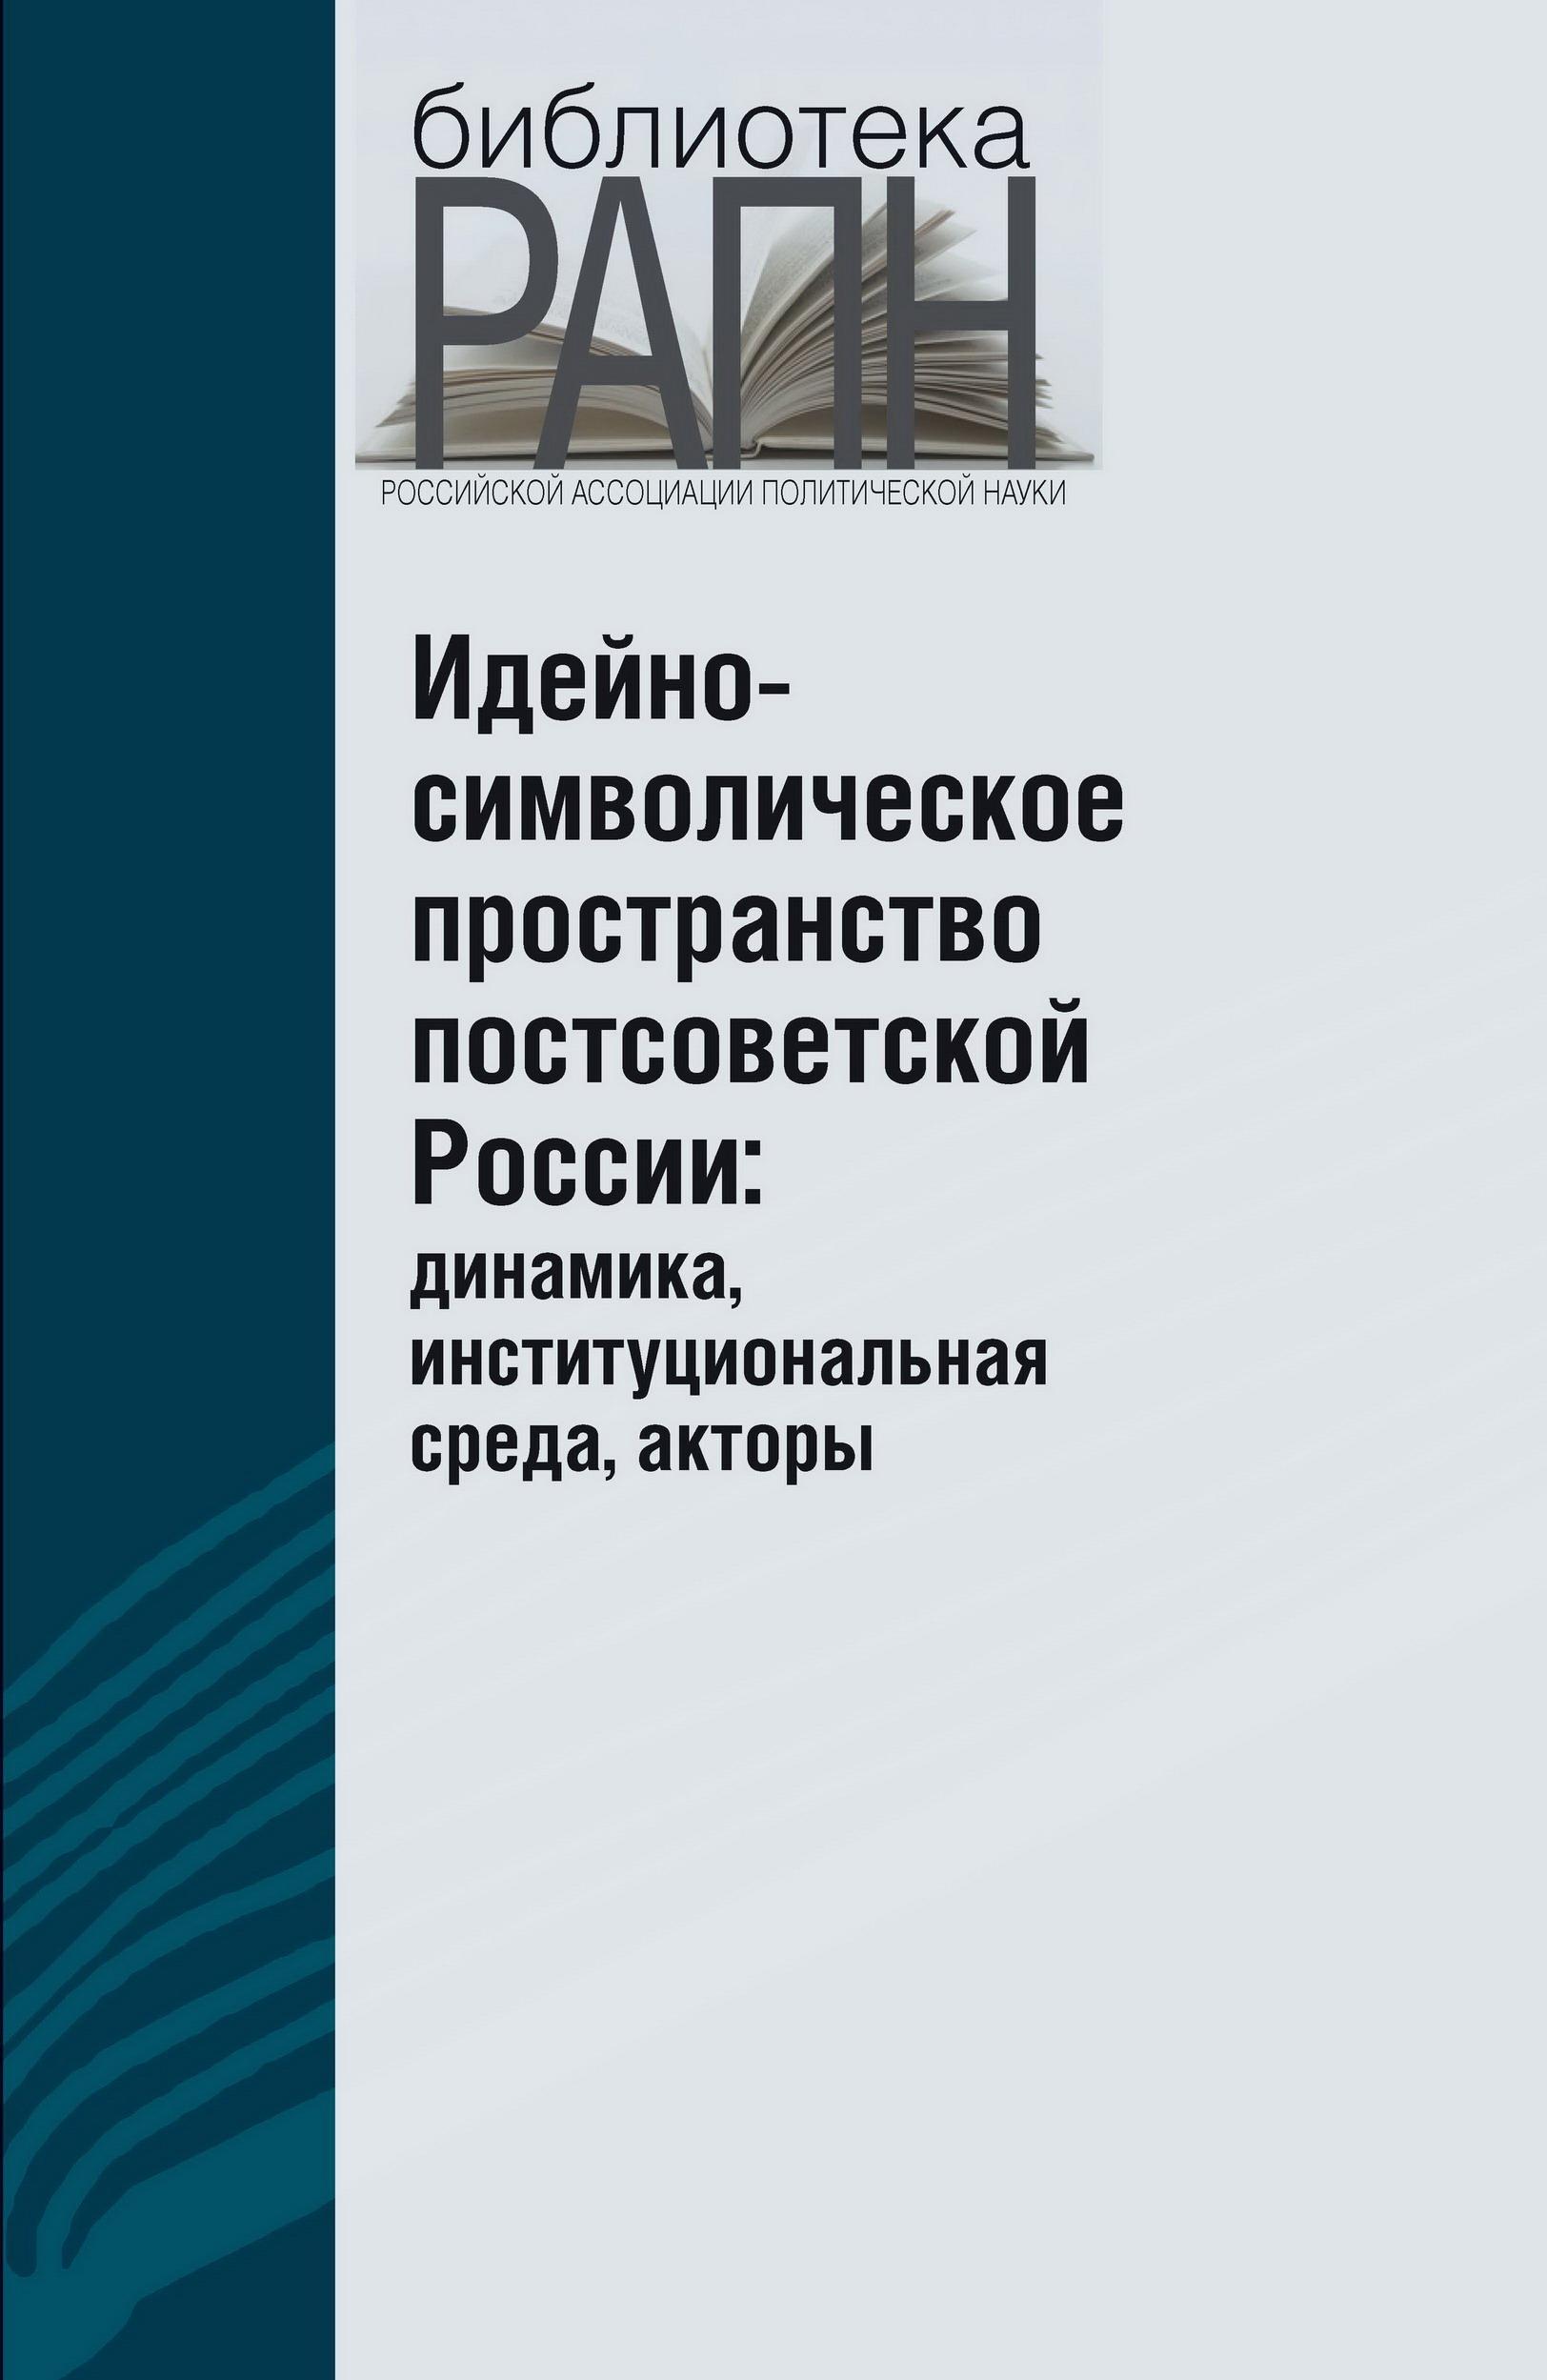 Вместо заключения: Трансформация публичной сферы и динамика идейно-символического пространства в России (конец ХХ – начало XXI века)